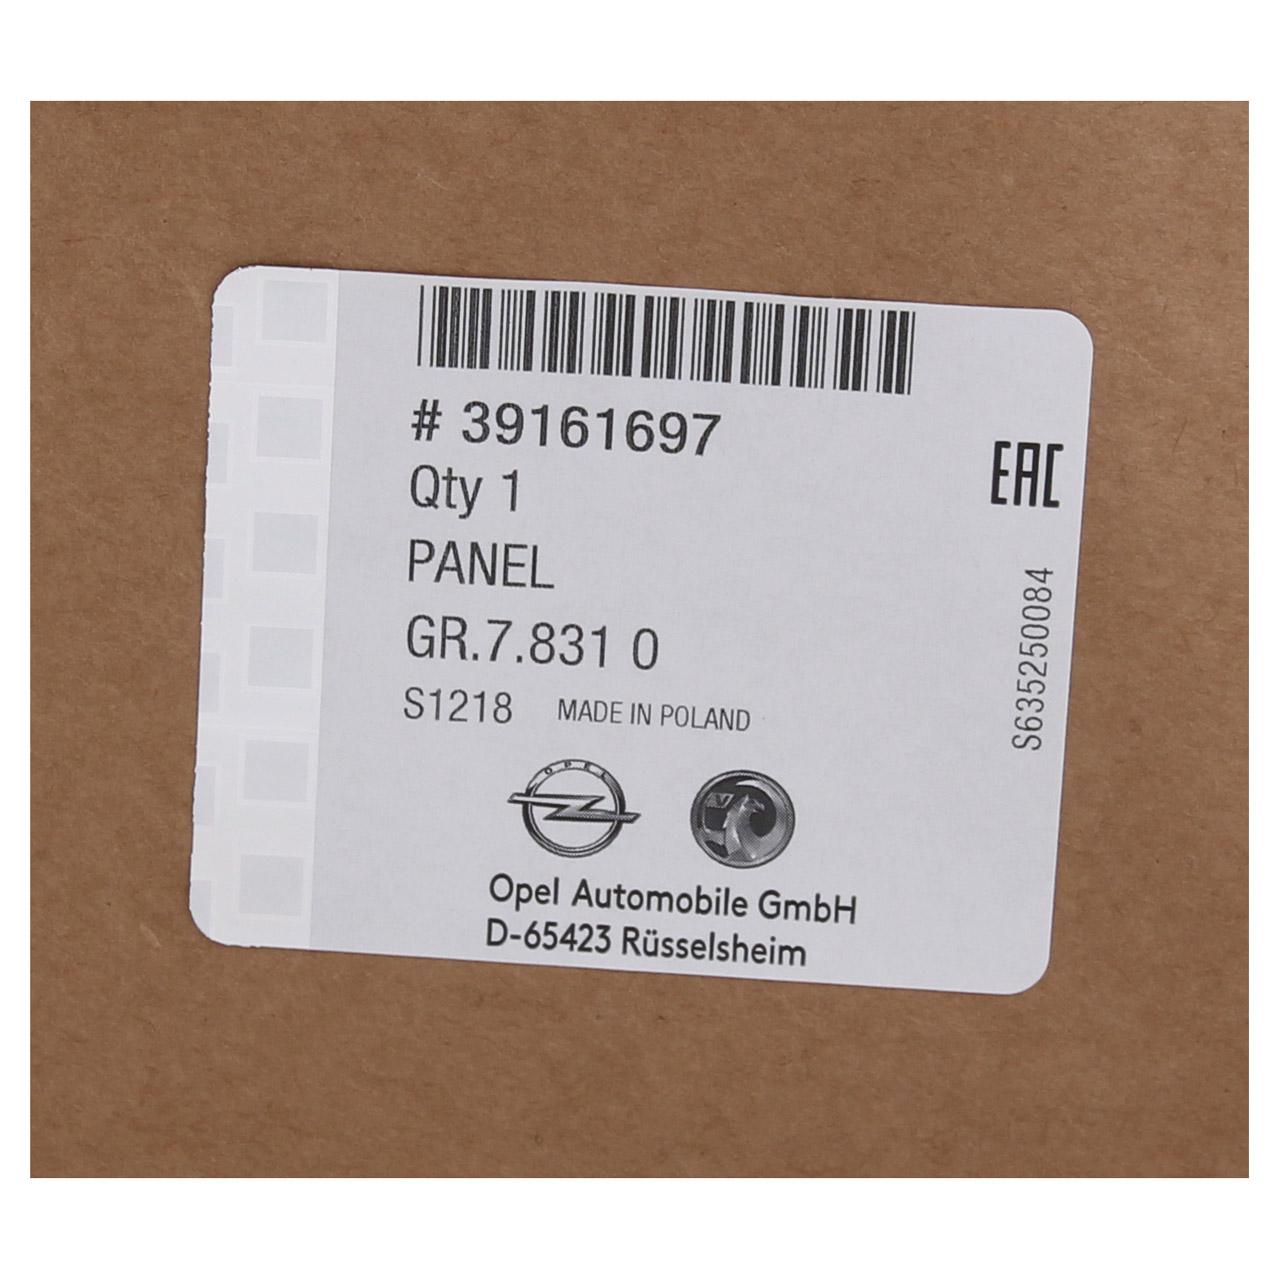 ORIGINAL Opel Stoßstange Stoßfänger HINTEN 13425478 für ASTRA K Schrägheck 5-trg